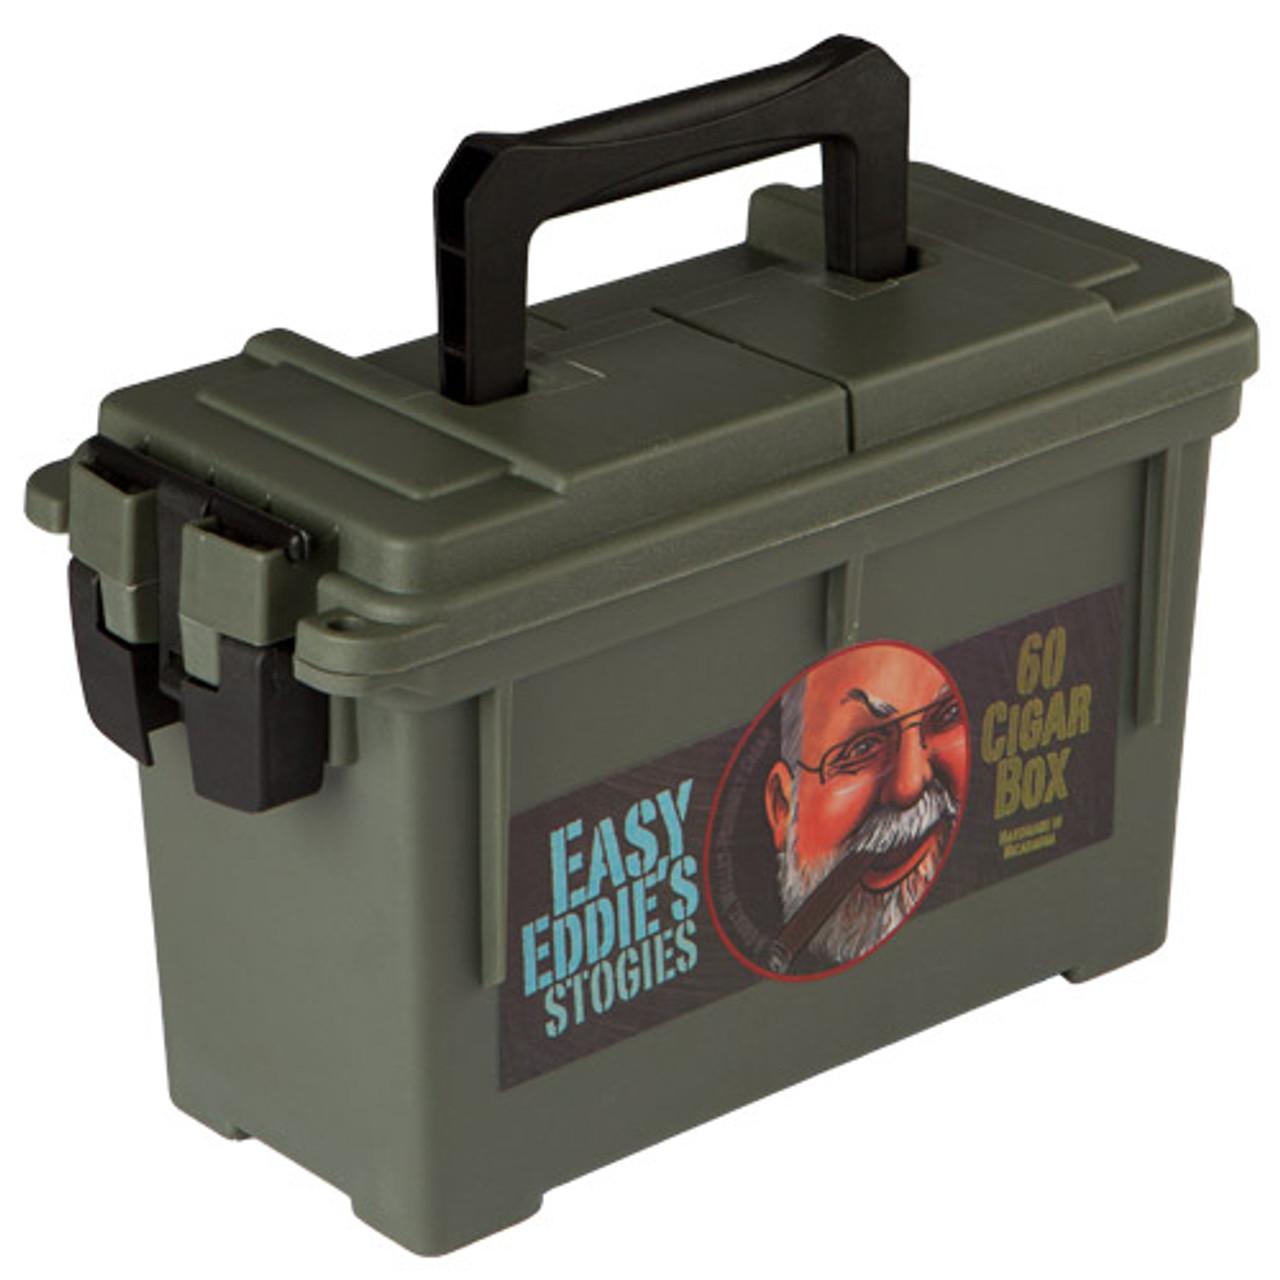 Easy Eddie's Toro Cigars - 6 x 50 (Ammo Box of 60)